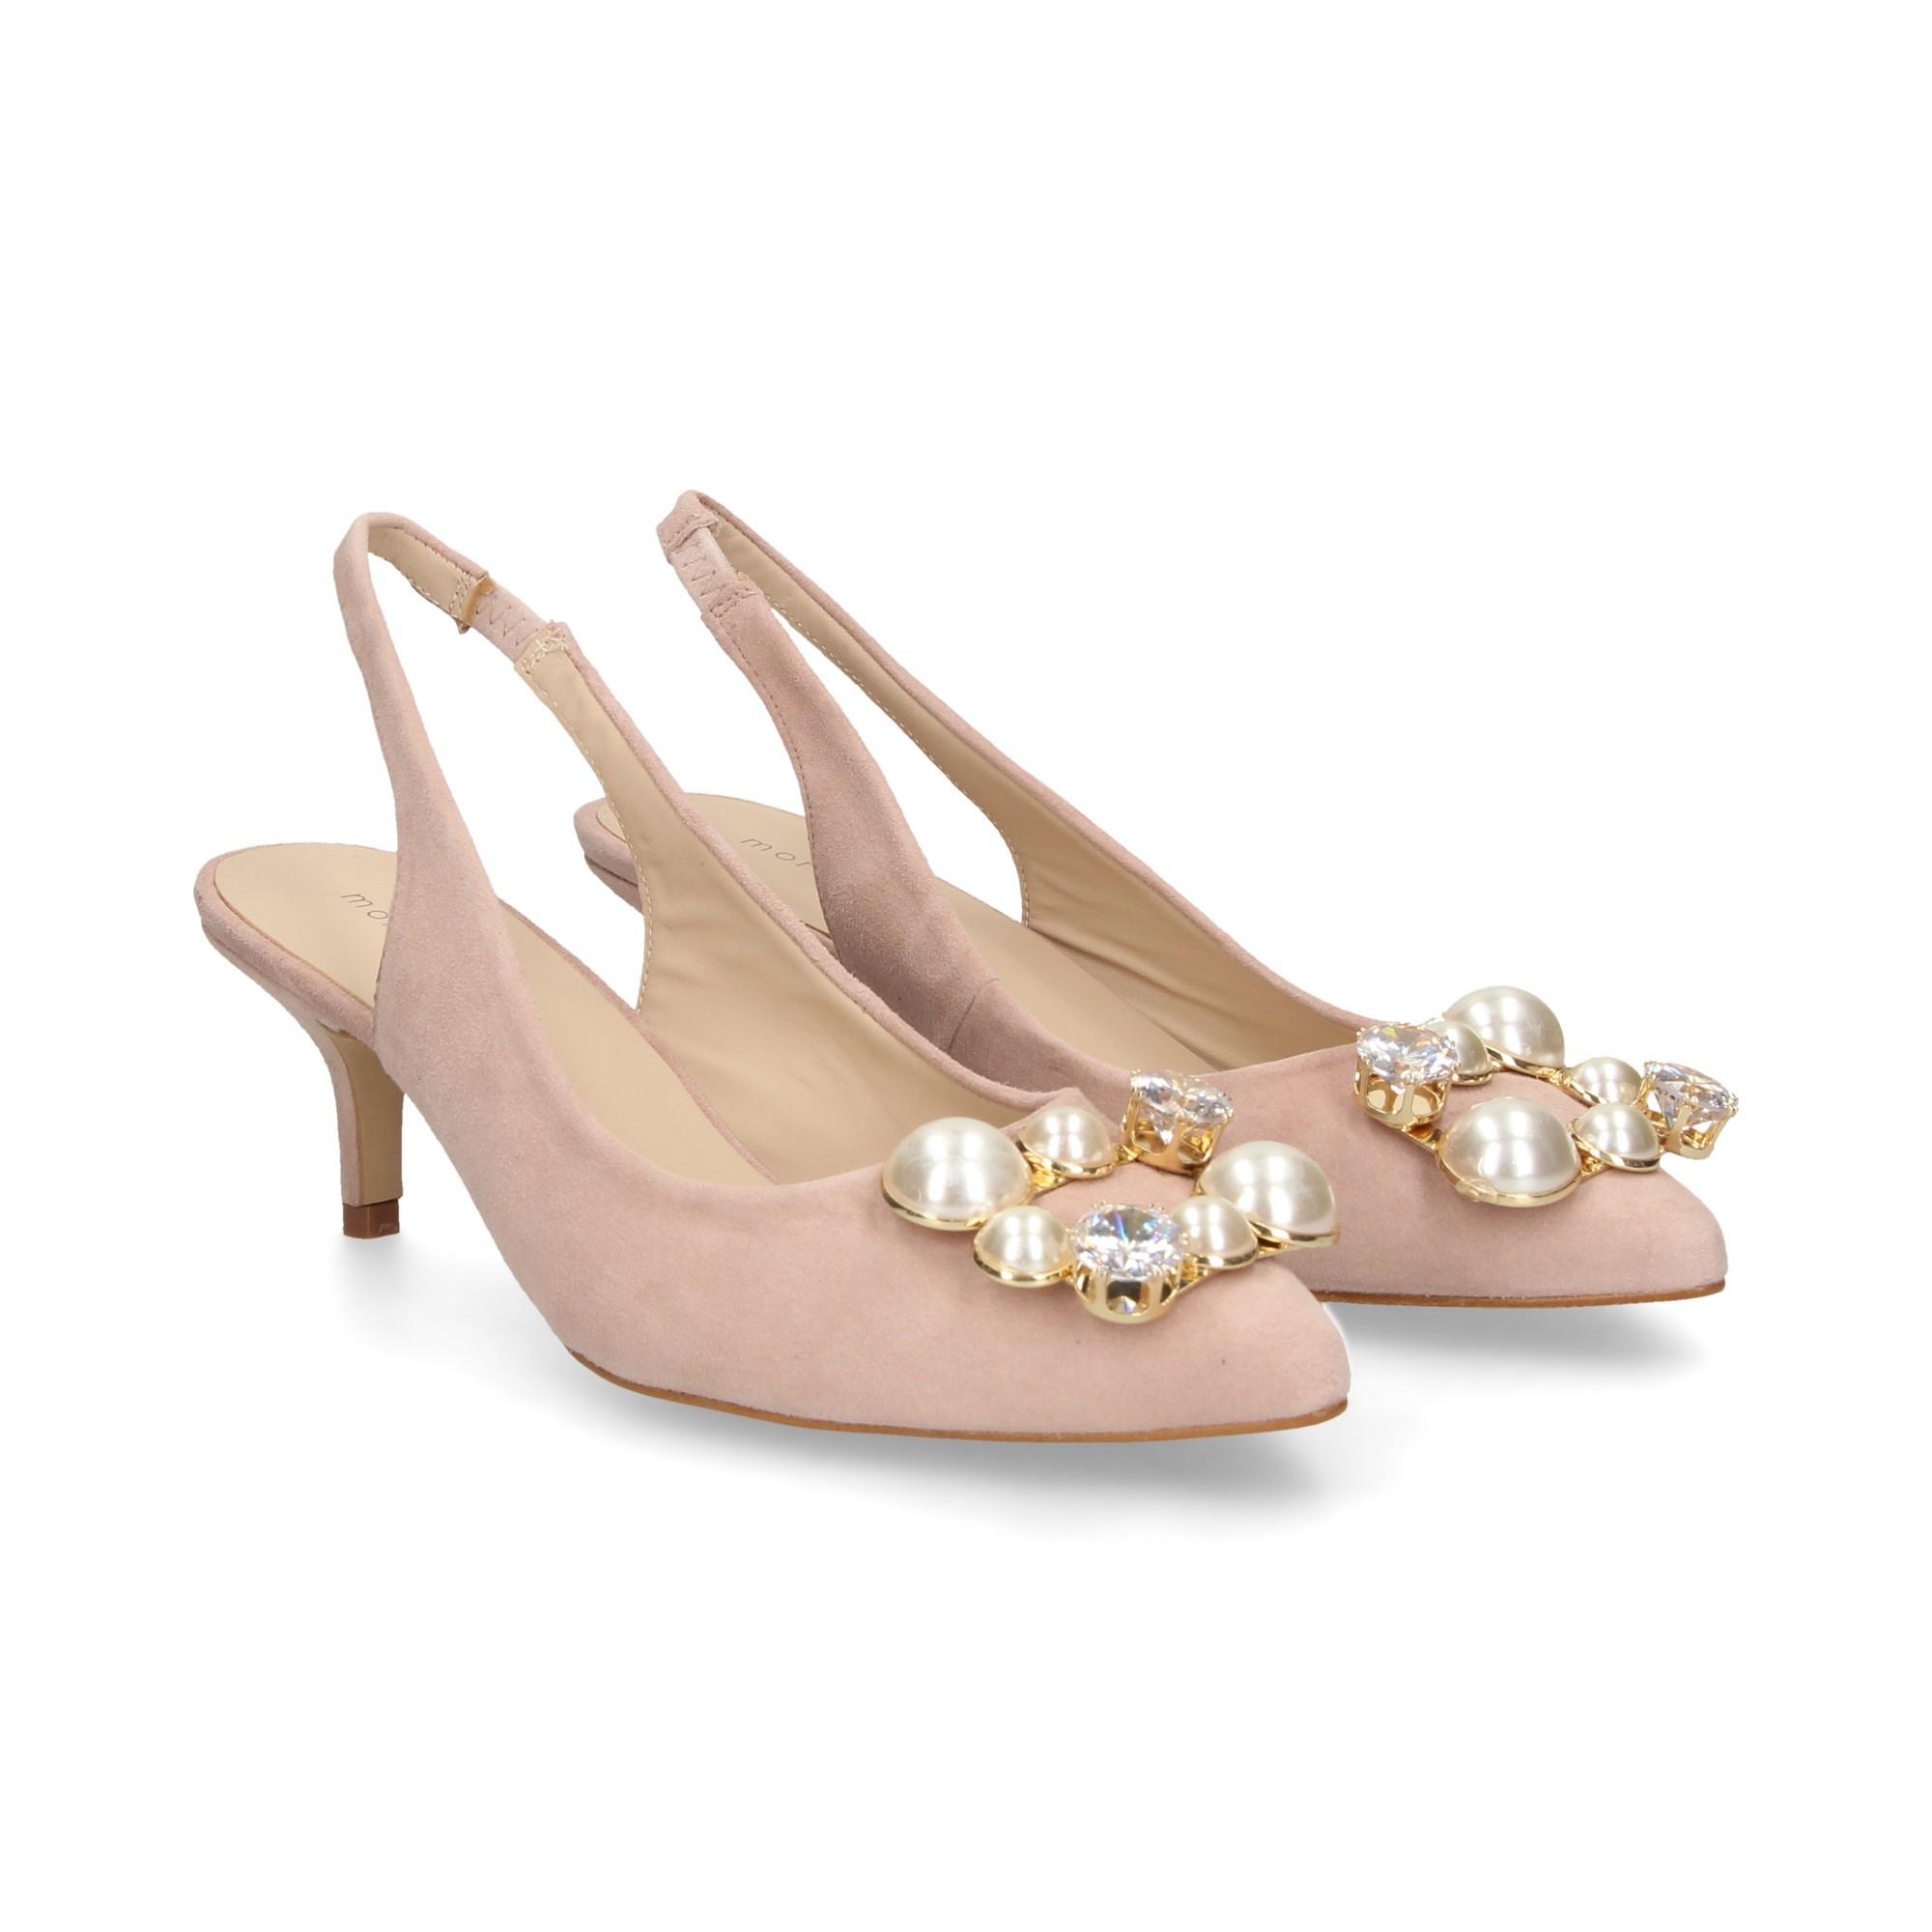 meilleure sélection 8376a a858c MIUXA Chaussures à talons bas MIKA NUDE